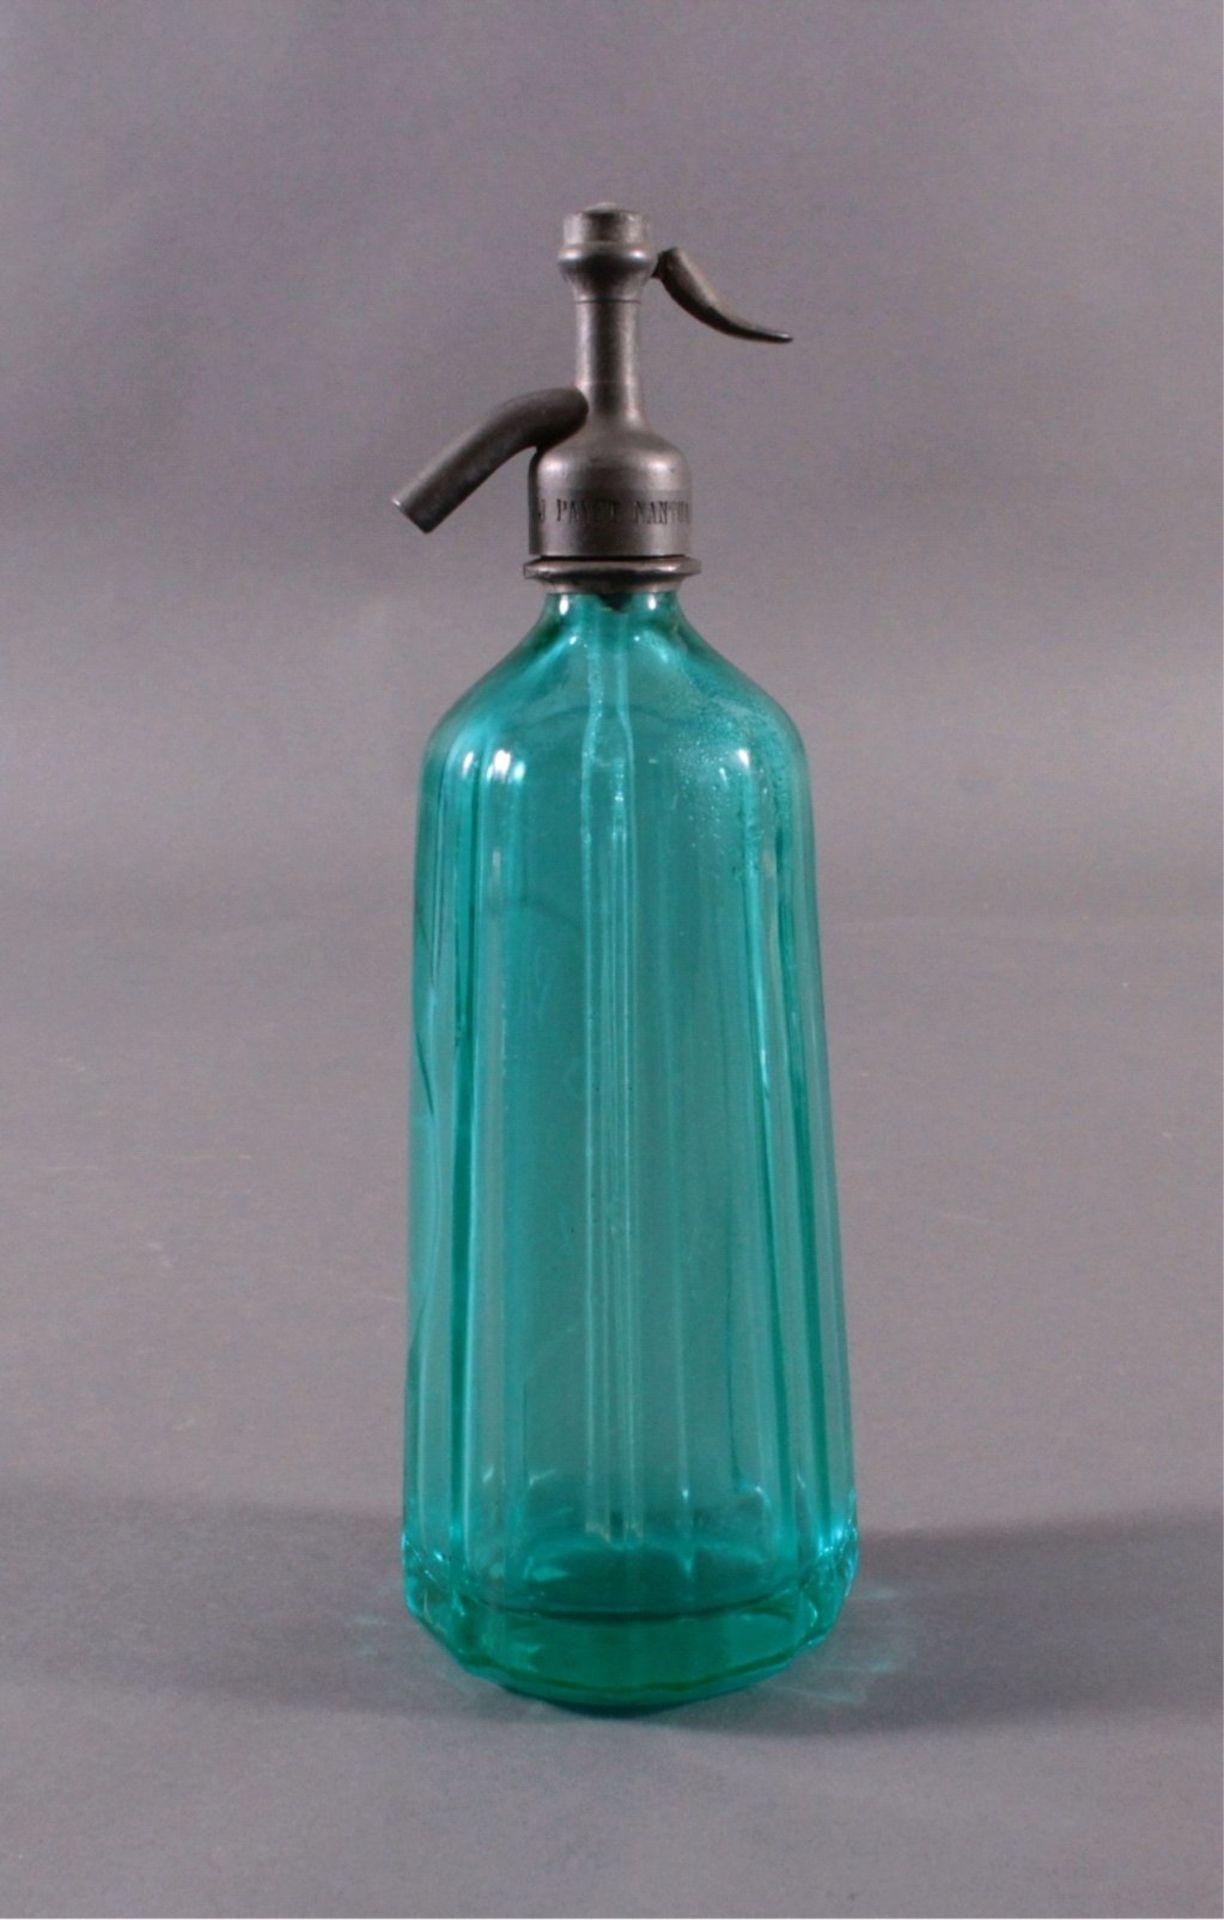 Soda - Flasche aus den 20er/30er JahrenKristall blau, gerippte, konisch nach oben verjüngendeWandung